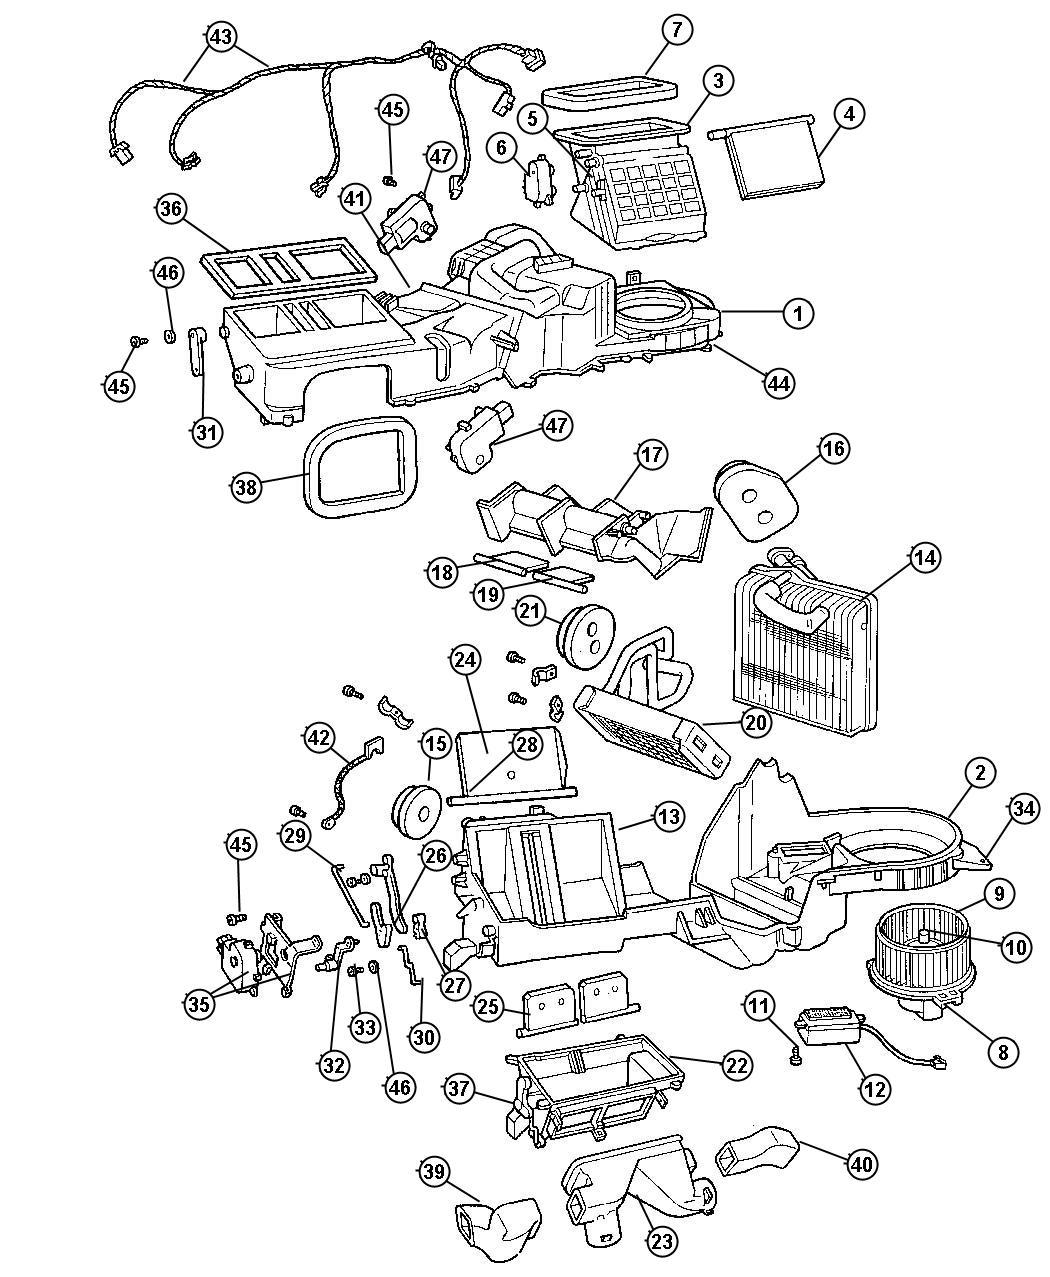 tags: #jeep cj7 heater hose diagram#jeep cj5 heater parts#cj7 heater box#cj7  heater door#jeep cj7 heater upgrade#cj7 heater core location#cj7 heater